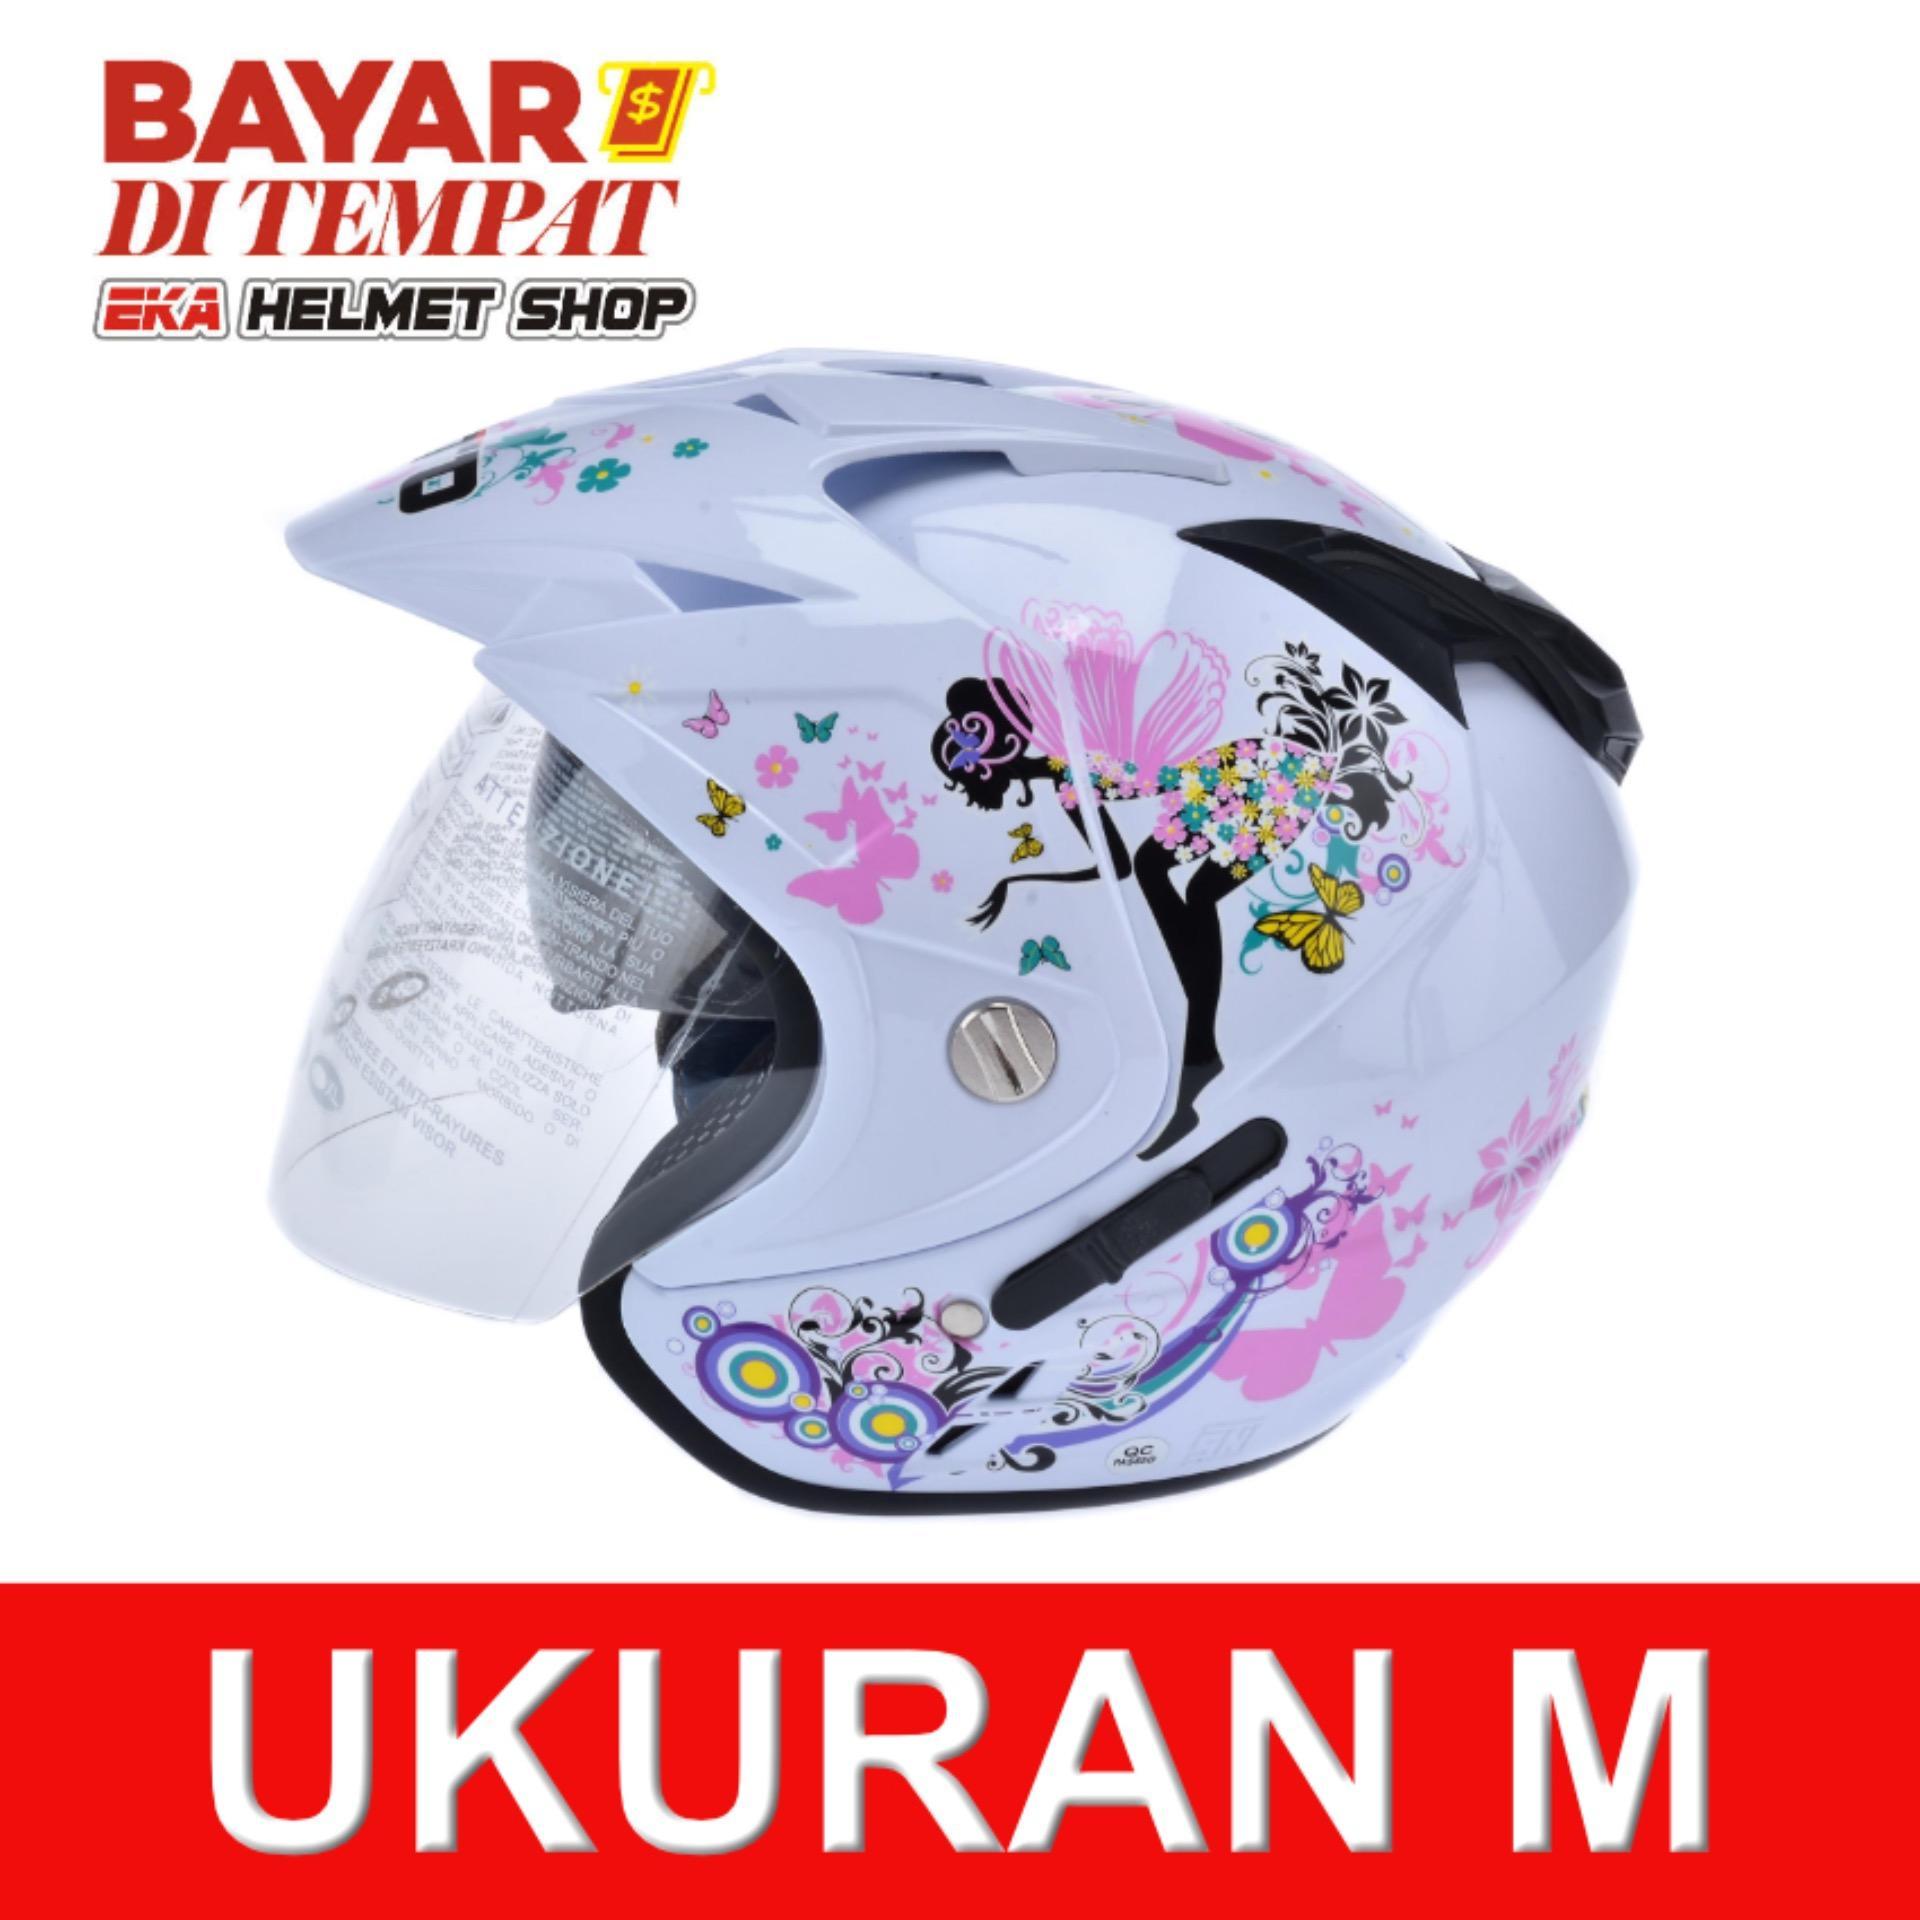 Spesifikasi Wto Helmet Impressive Pixie Double Visor Putih Pink Yang Bagus Dan Murah